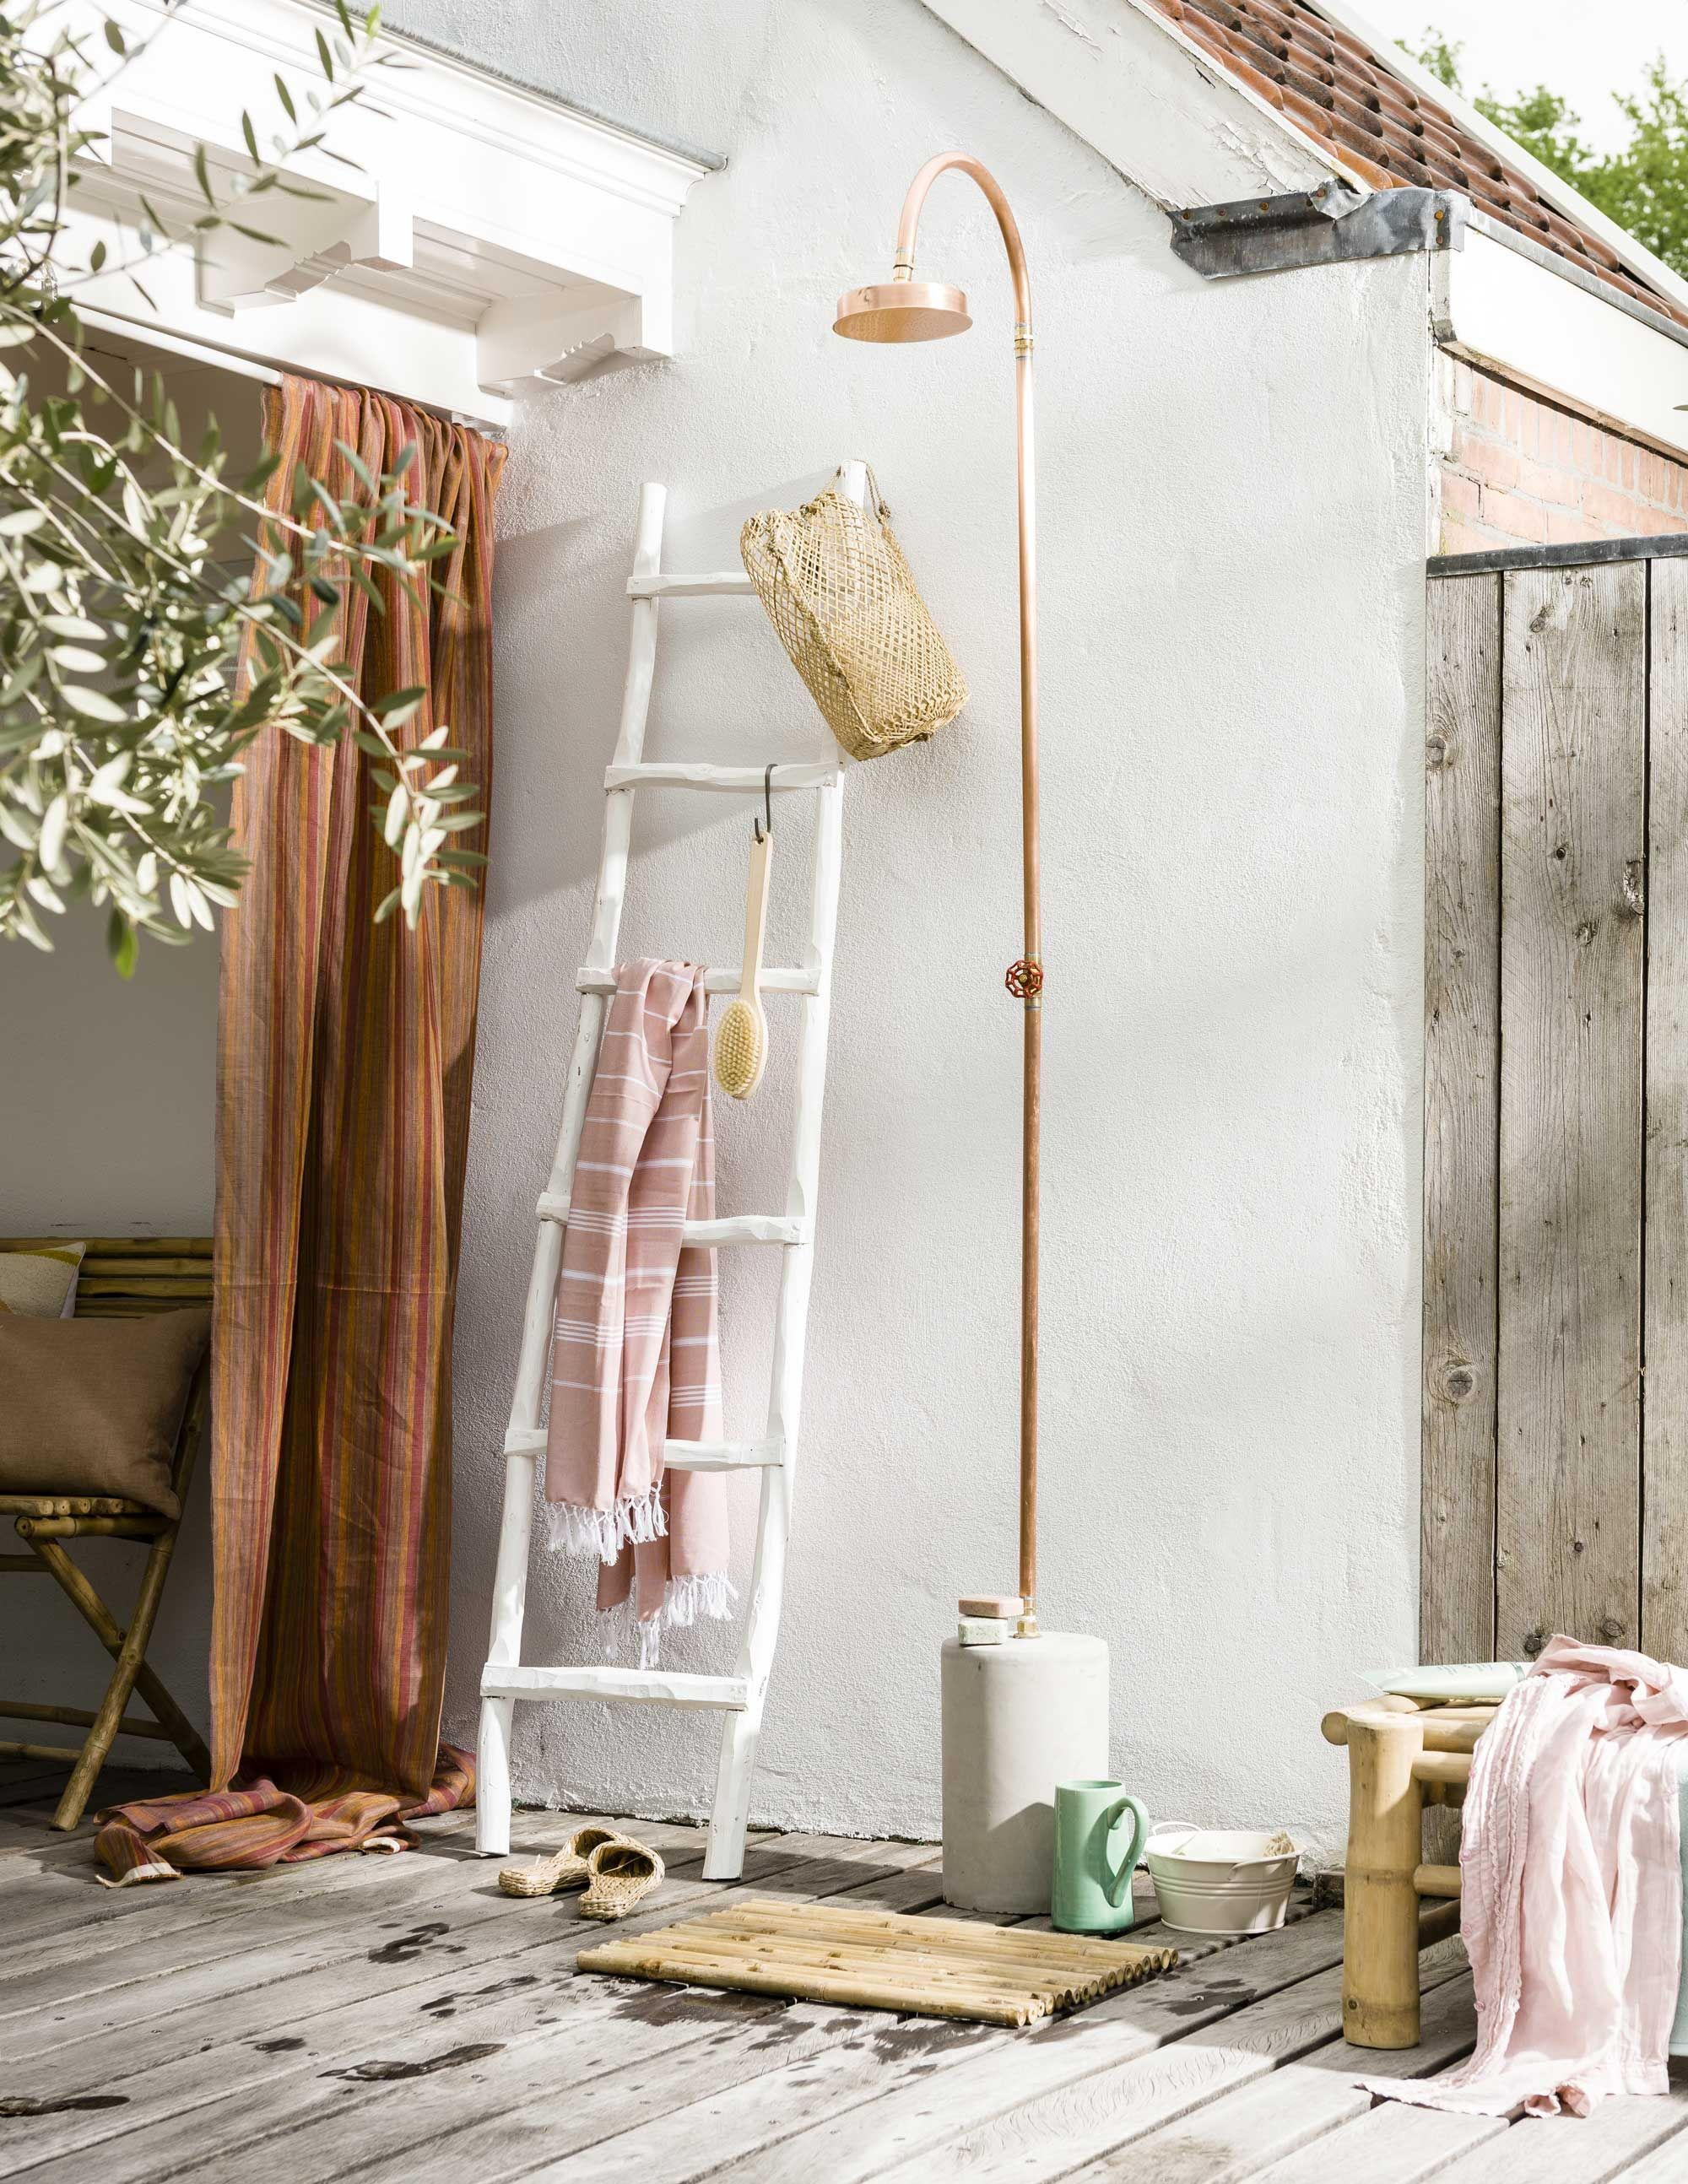 buitendouche | outdoor shower | vtwonen 07-2016 | Photography Sjoerd Eickmans | Styling Moniek Visser